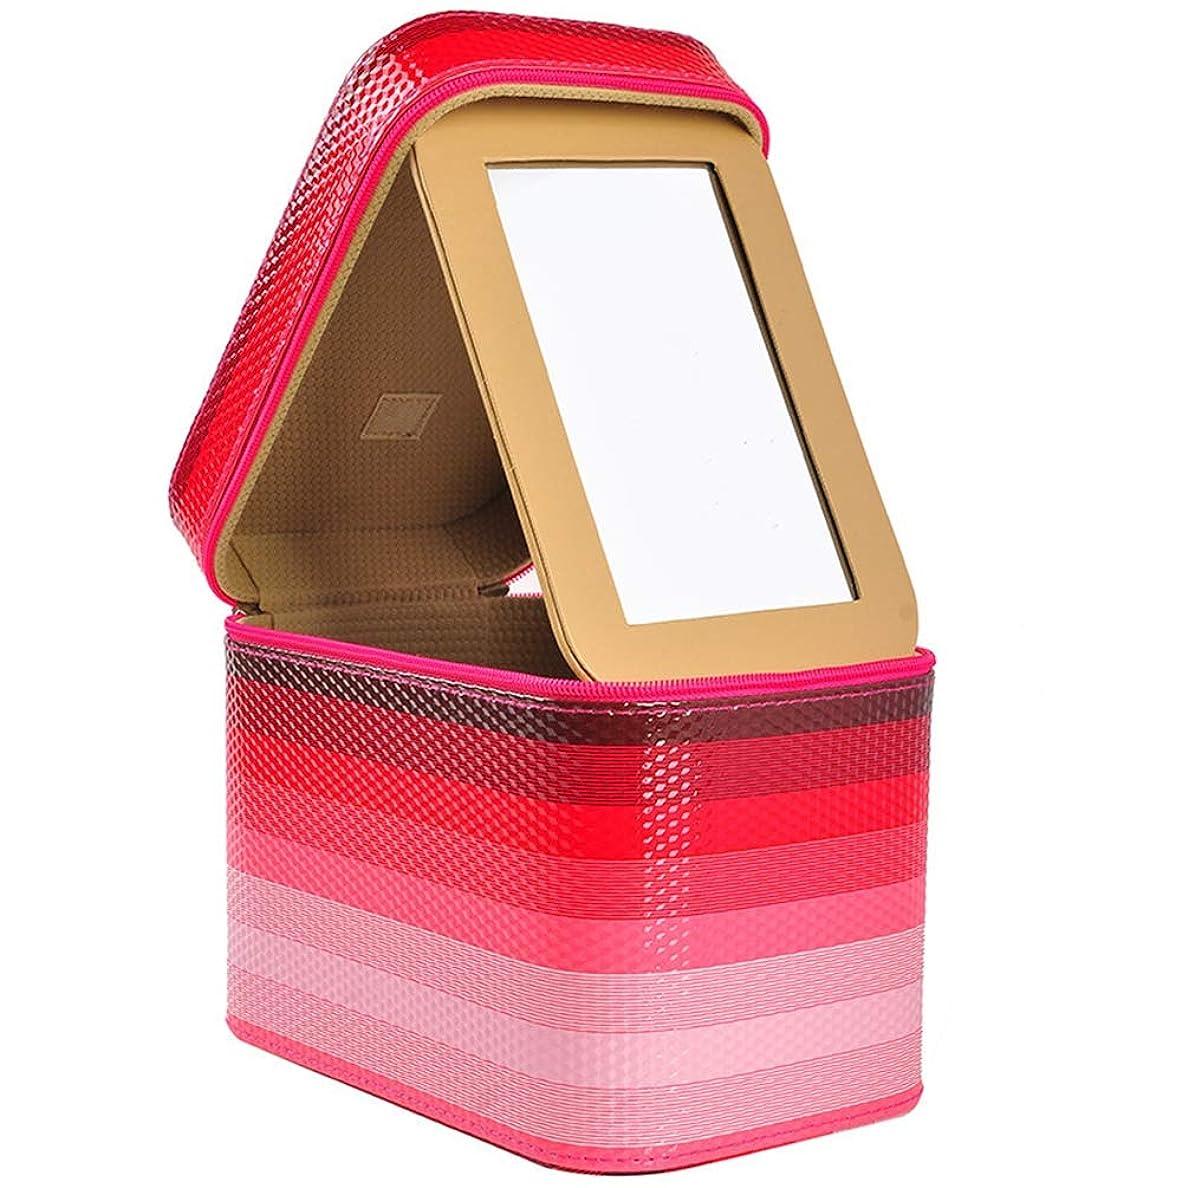 弱点誠実さ冷える[カタク]メイクボックス コスメボックス 大容量 鏡付き 化粧ボックス おしゃれ 取っ手付 携帯便利 化粧道具 メイクブラシ 小物 出張 旅行 機能的 PUレザー プロ仕様 きらきら 化粧ポーチ コスメBOX